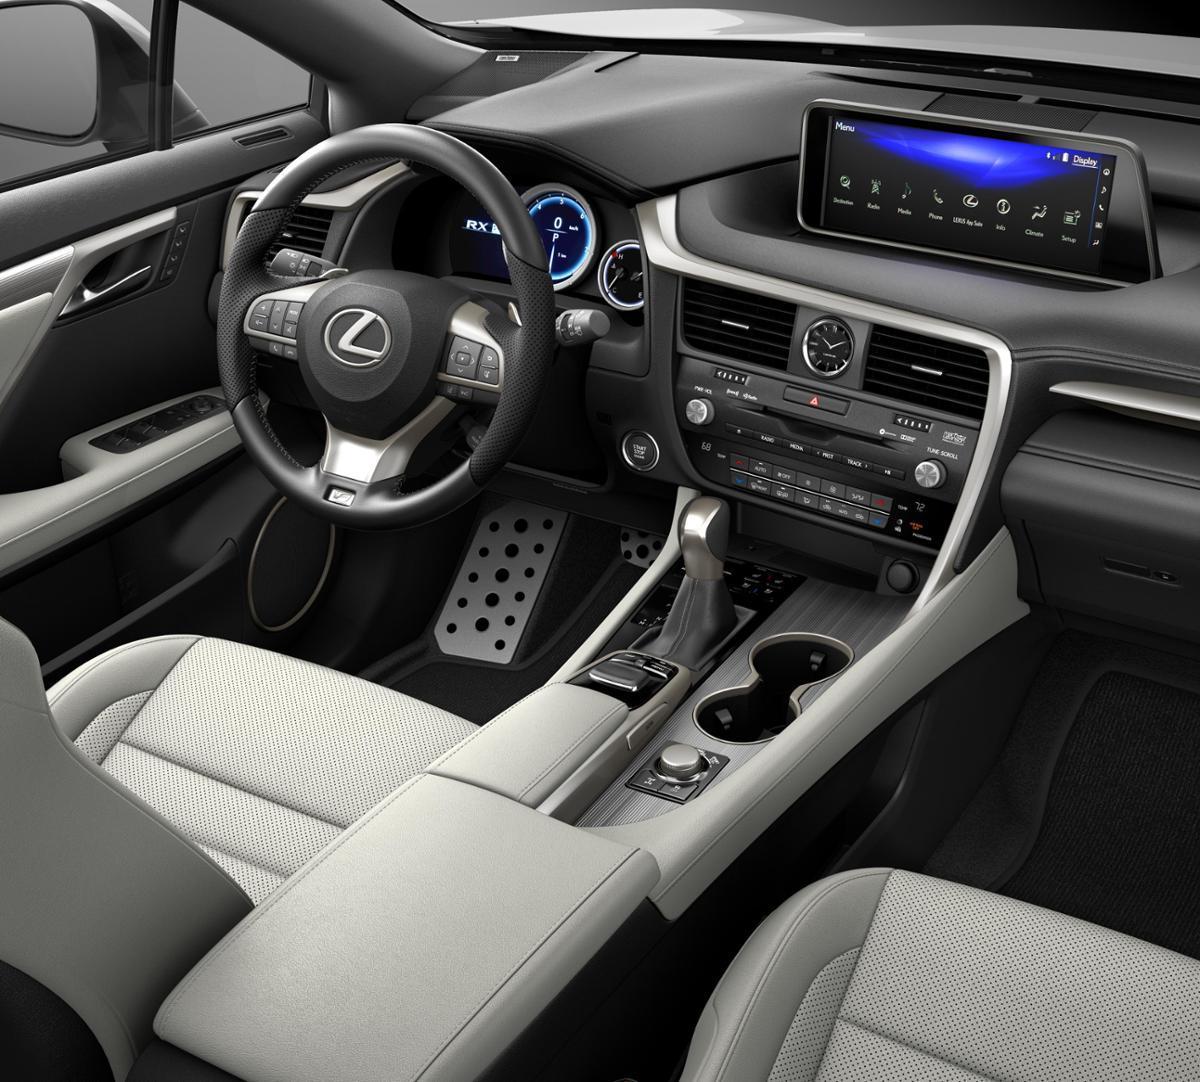 Lexus Rx350 Lease: New Silver Lining Metallic 2019 Lexus RX 350 F SPORT In